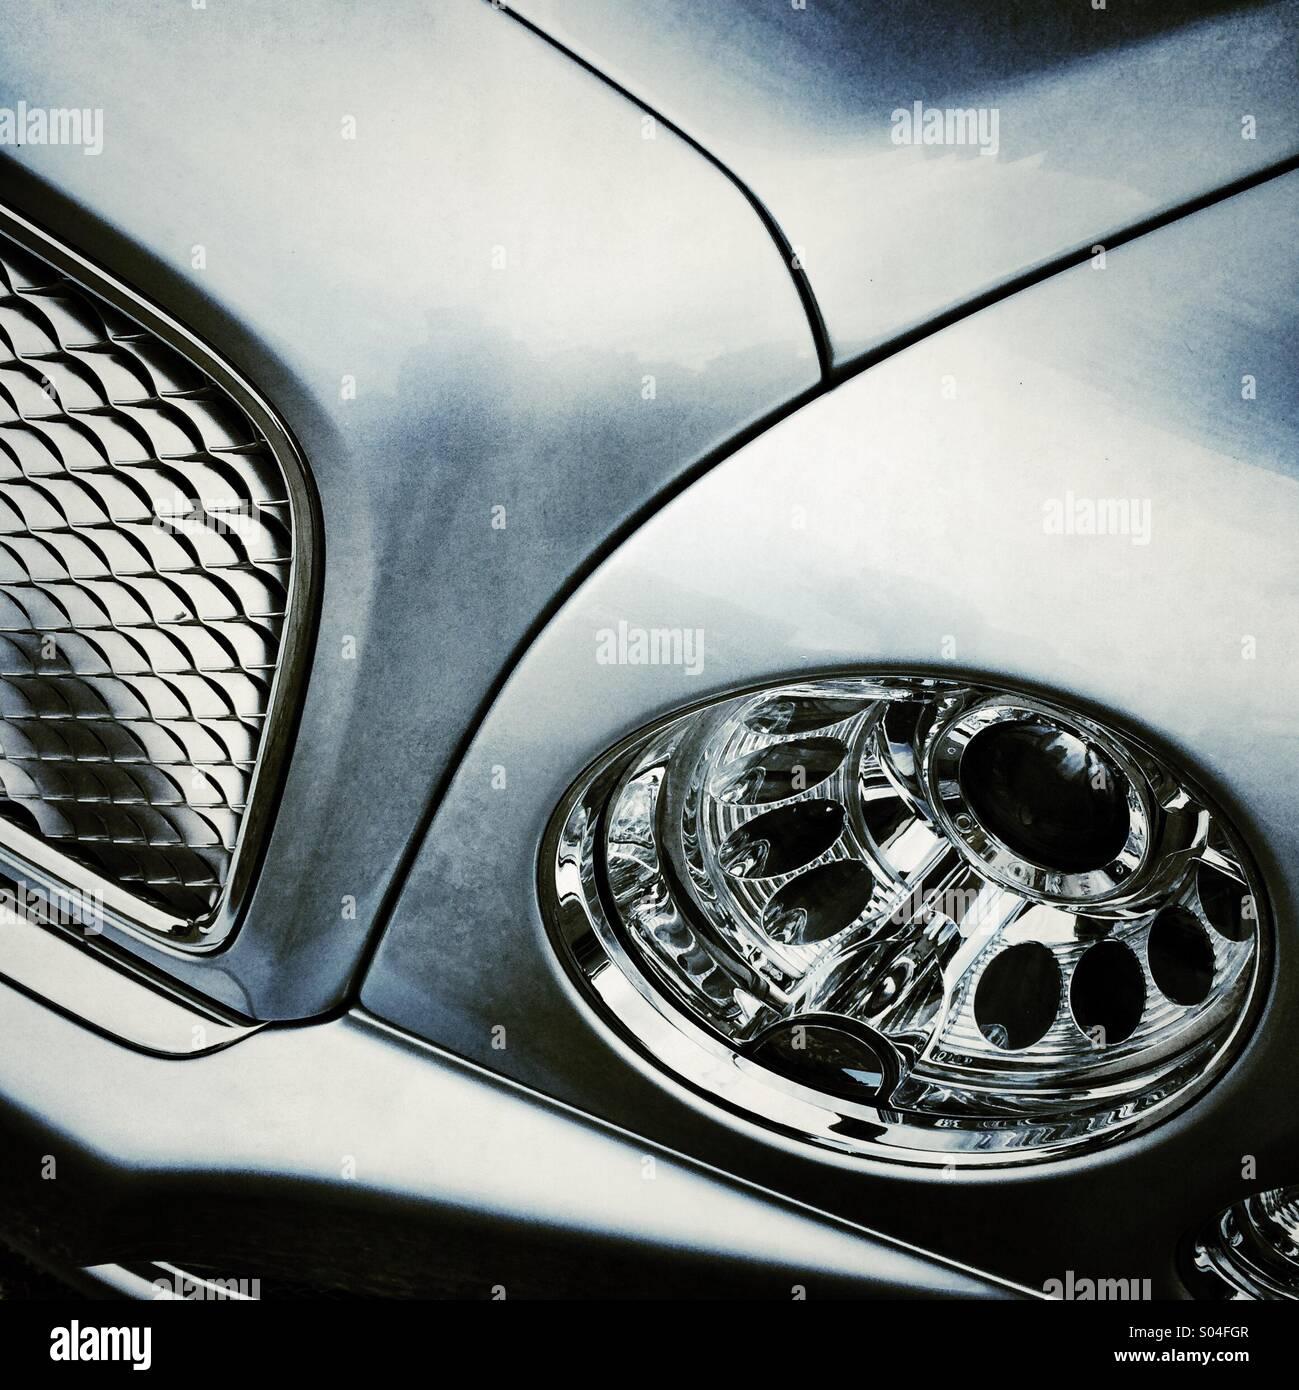 Vorne ein Bentley-Auto Stockbild